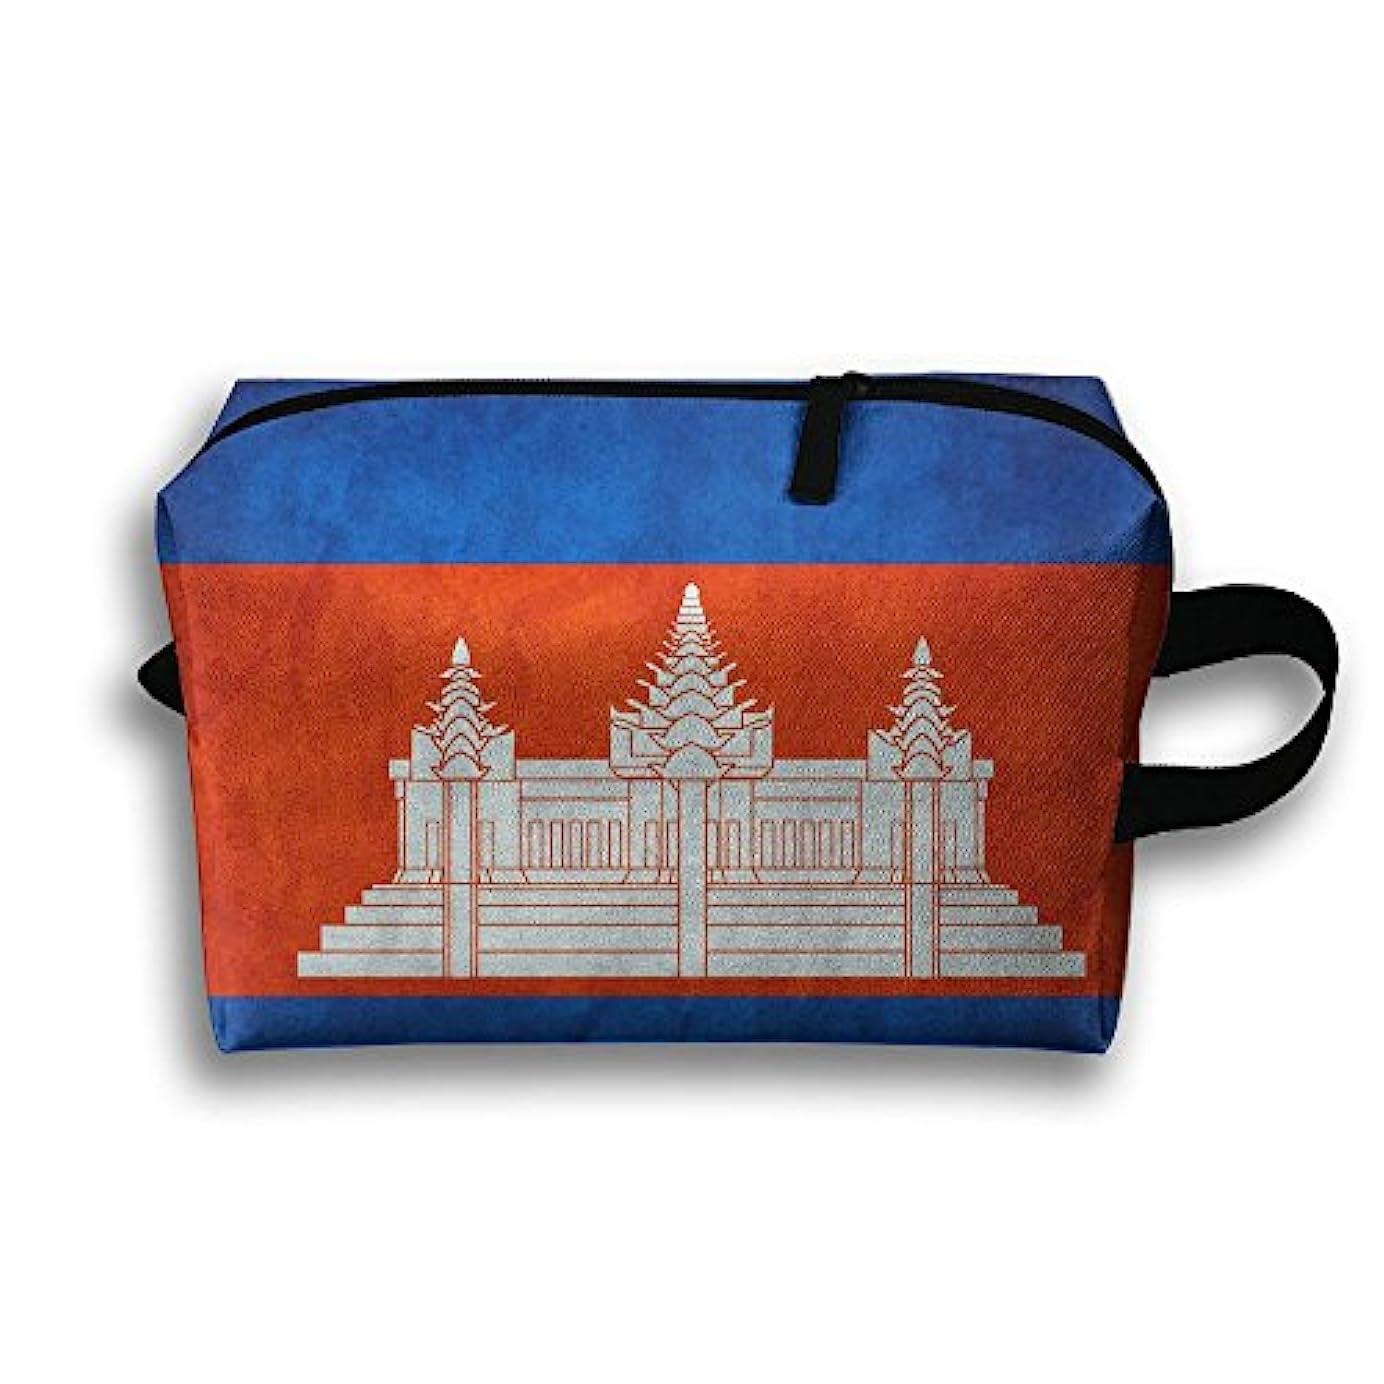 境界動非武装化ポーチ カンボジアの国旗 旅行用化粧品バッグ スマホアクセサリー ホテル PC周辺小物整理 小物入れ 大容量 軽量 収納 White